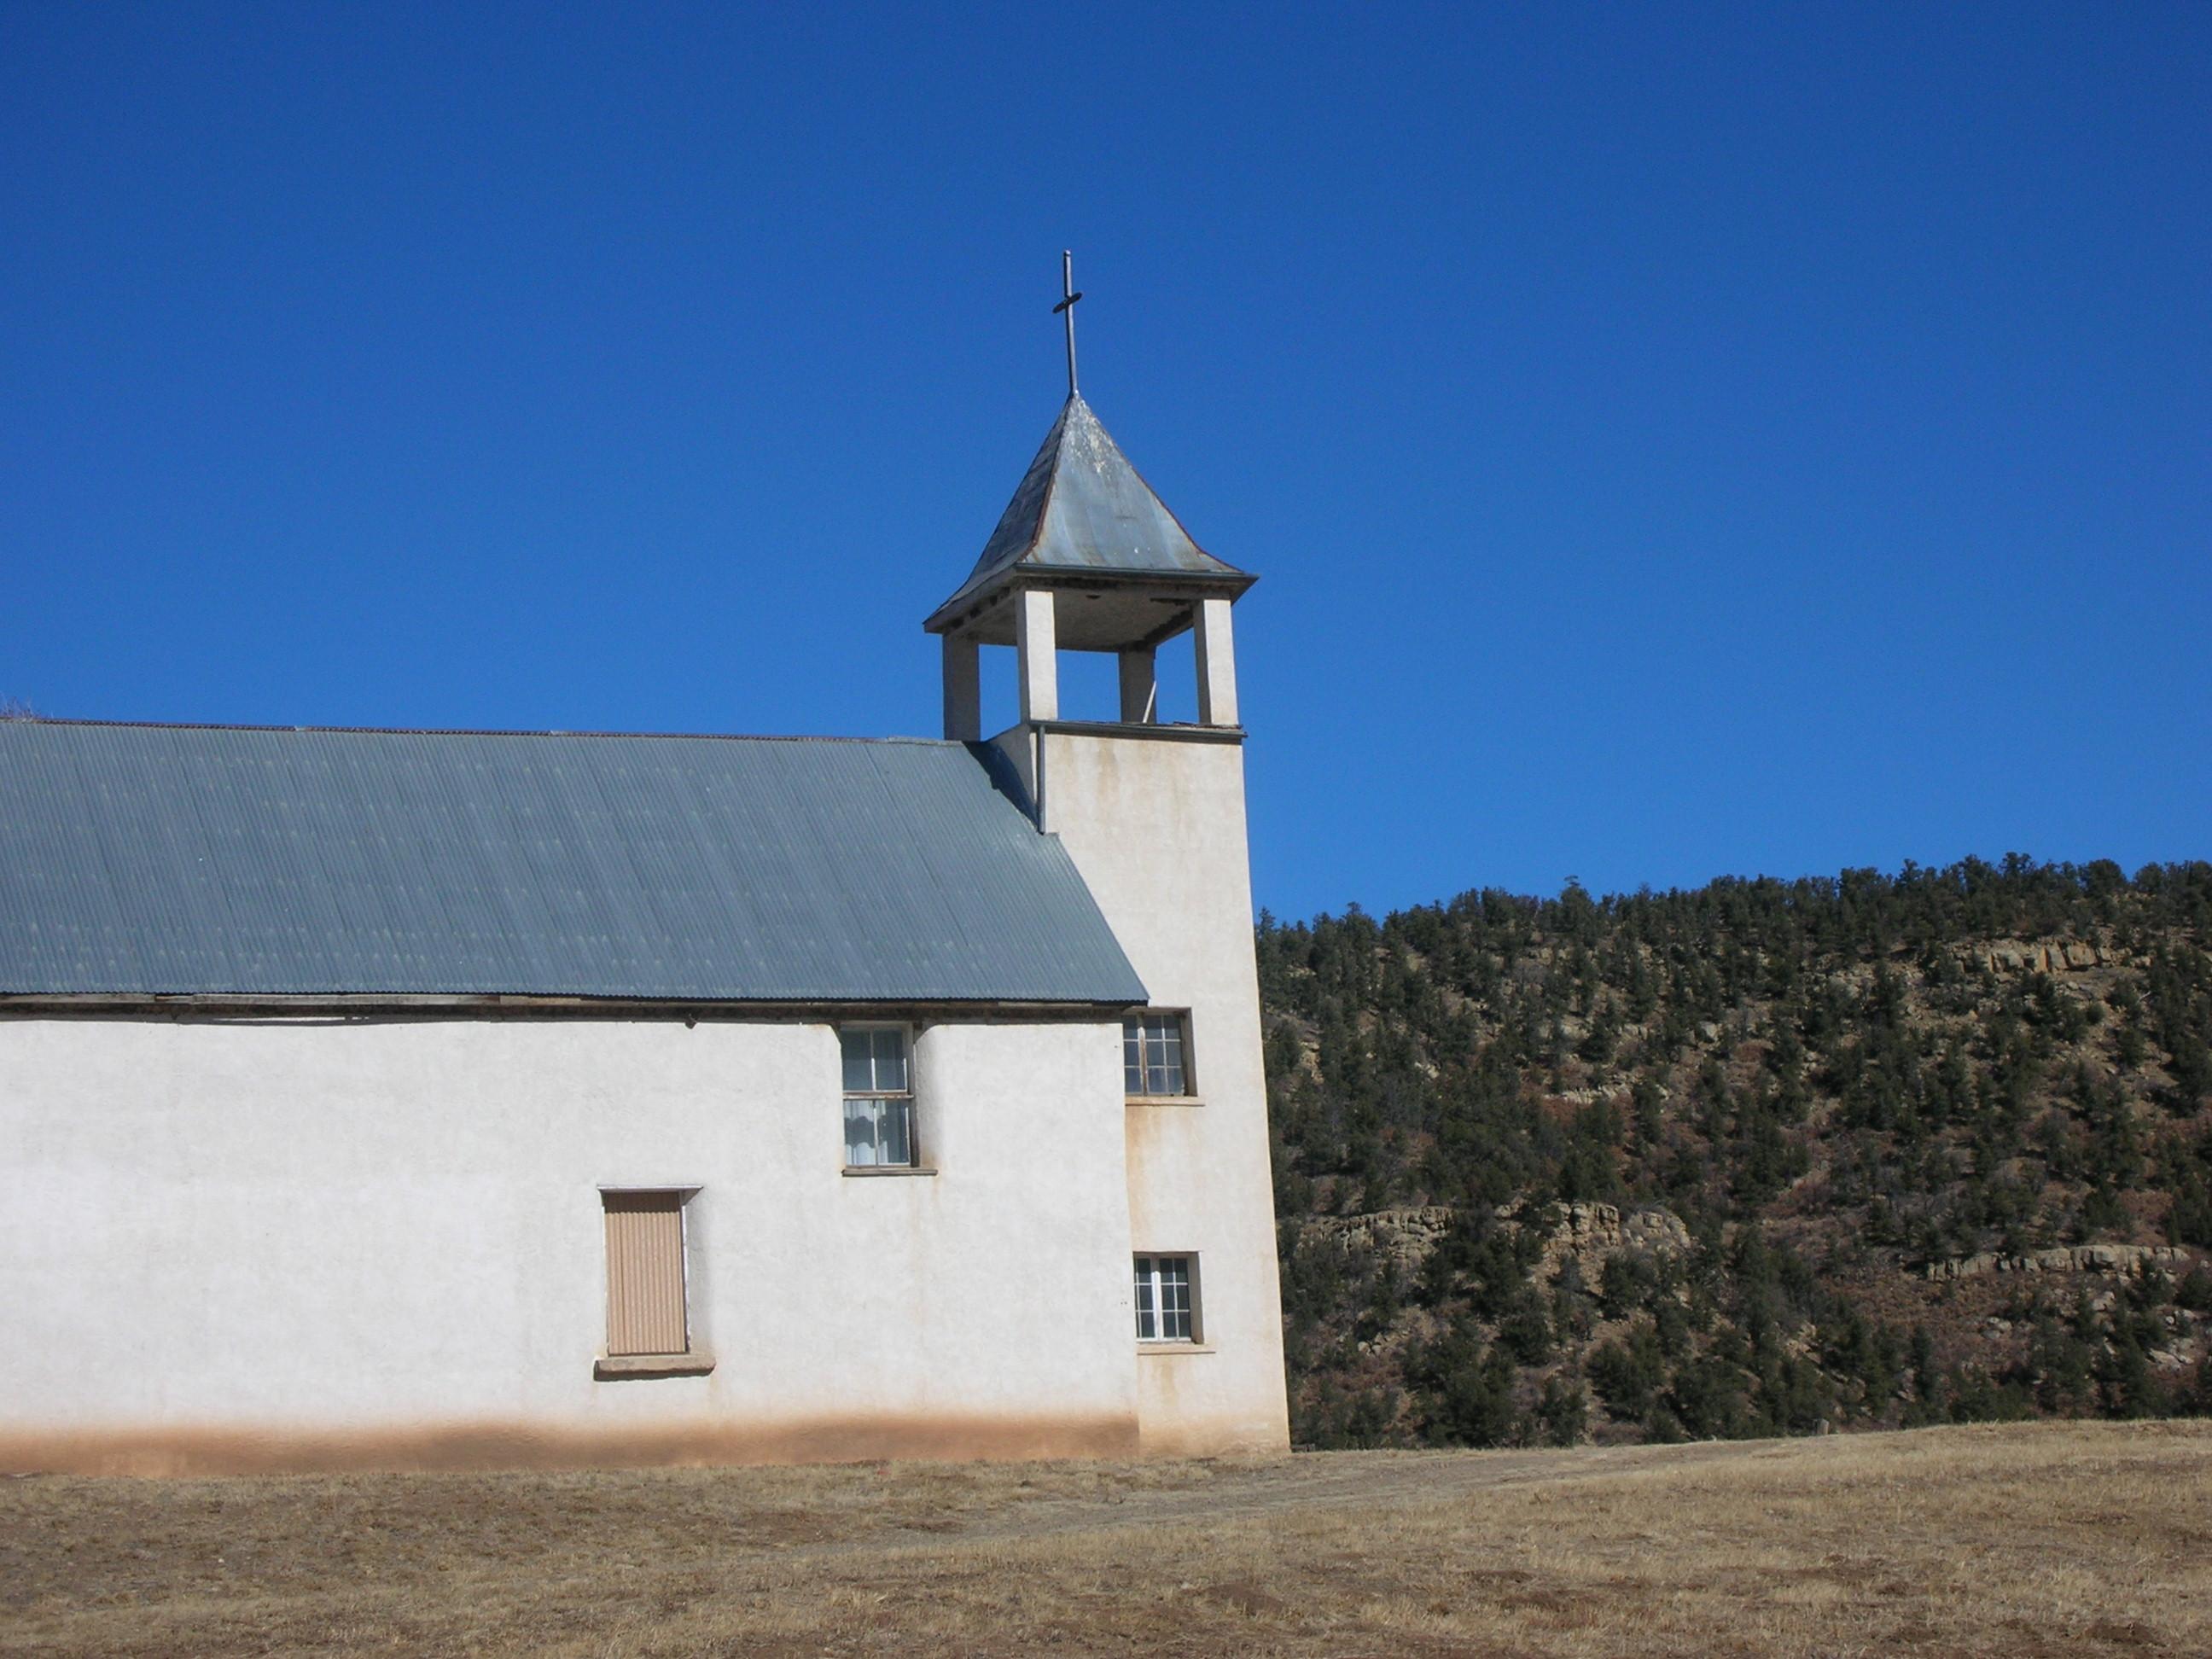 San Isidro Church detail image